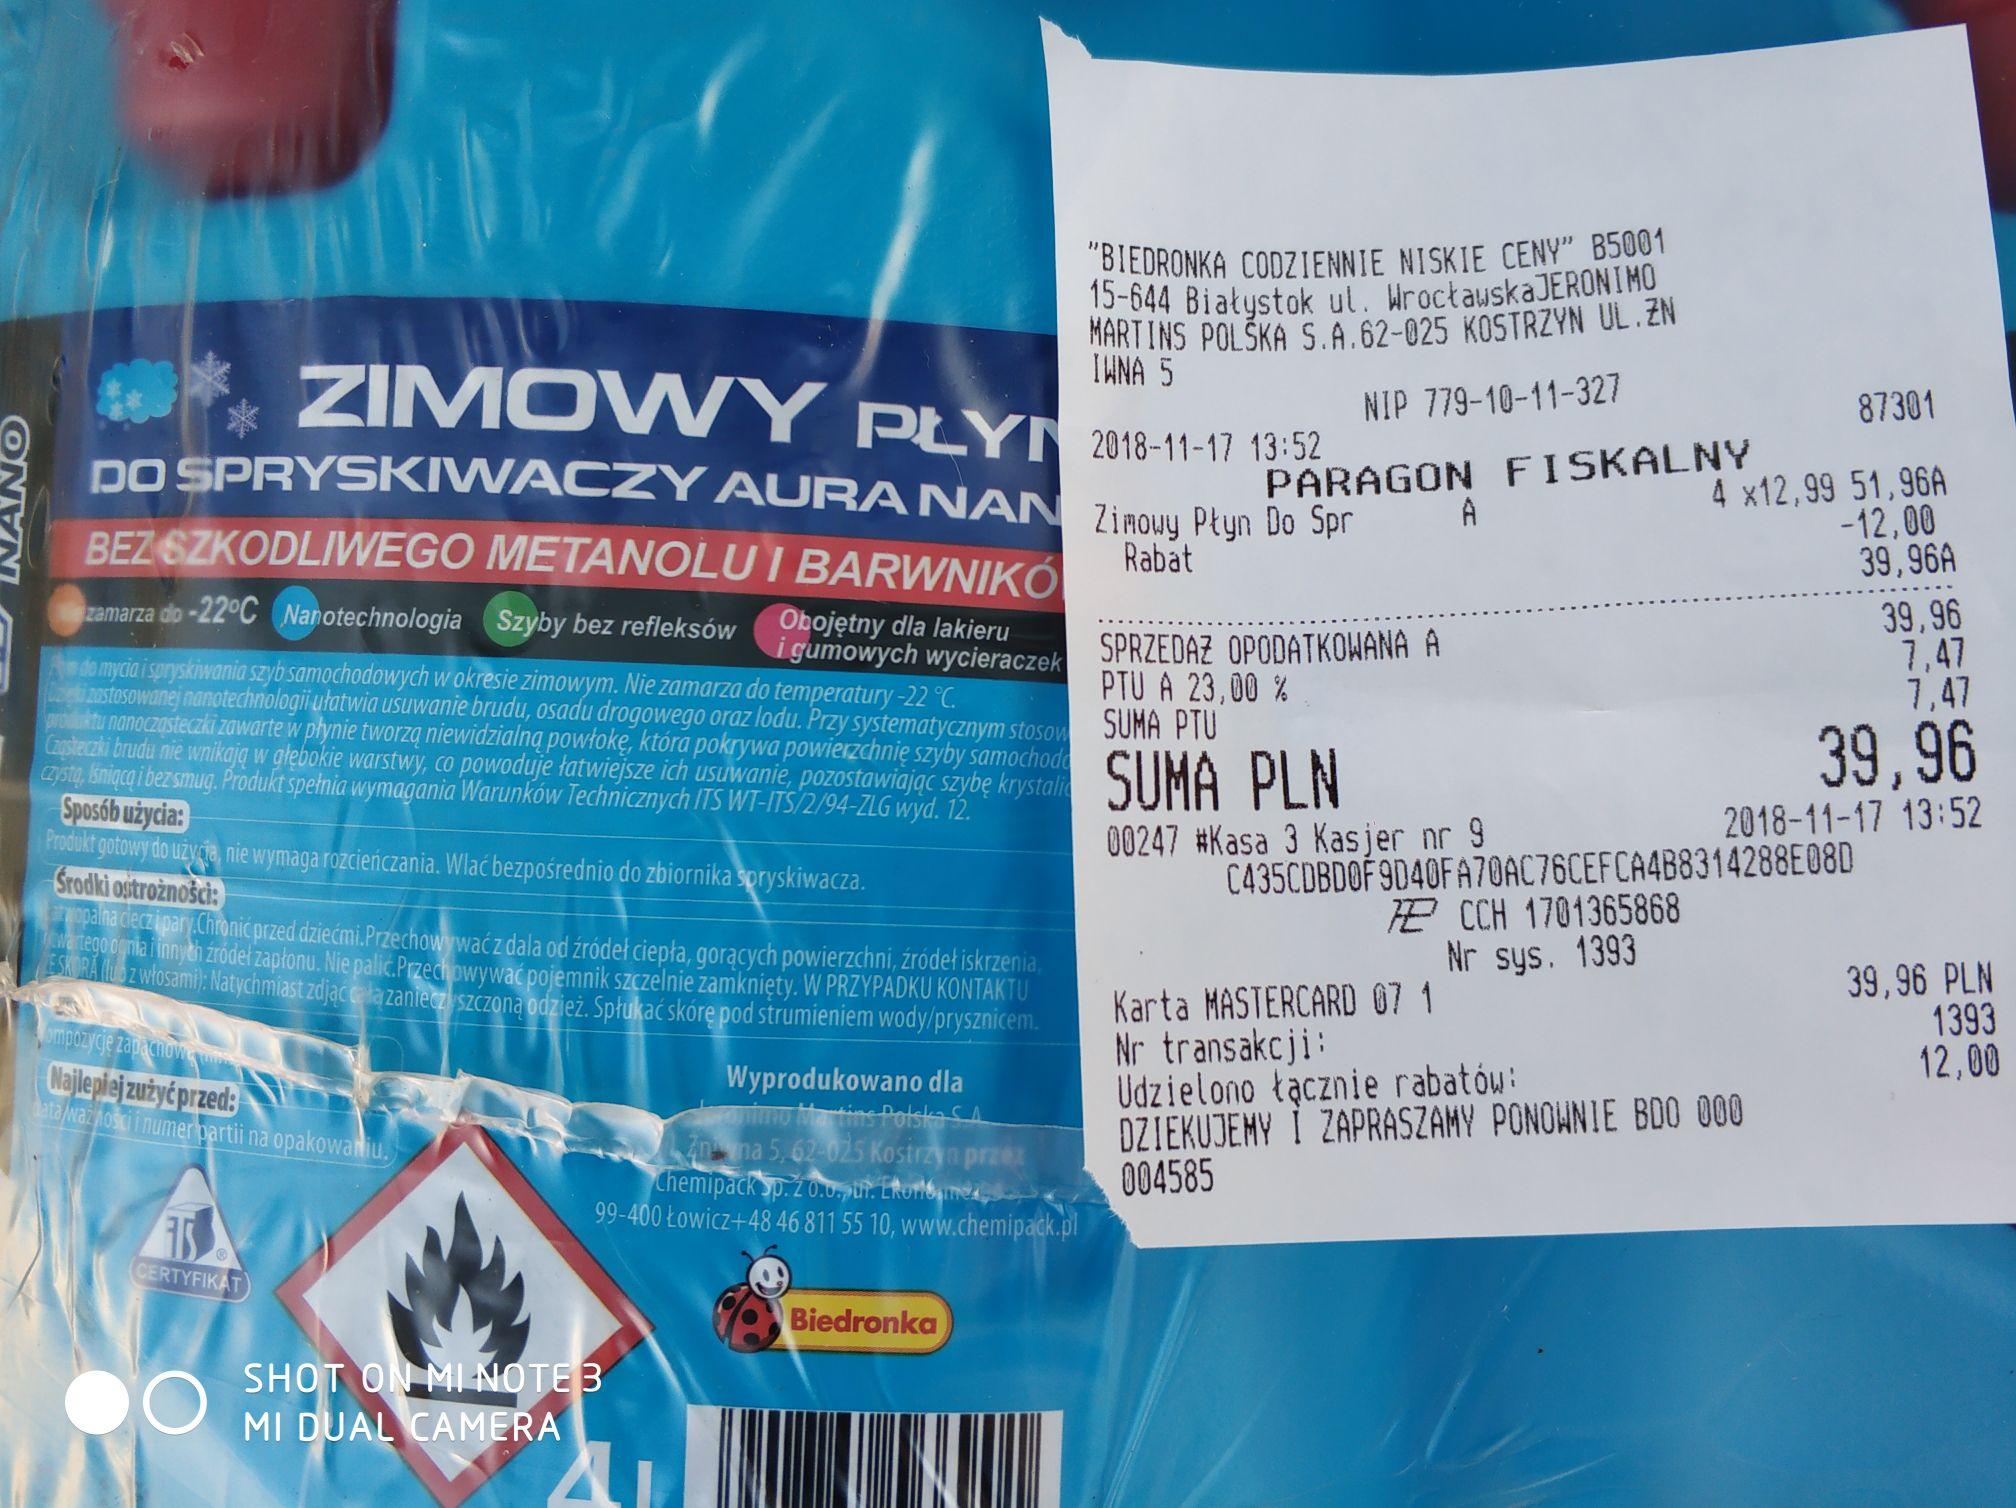 Zimowy płyt do spryskiwacza 4L - przy zakupie 2szt. lub wielokrotności